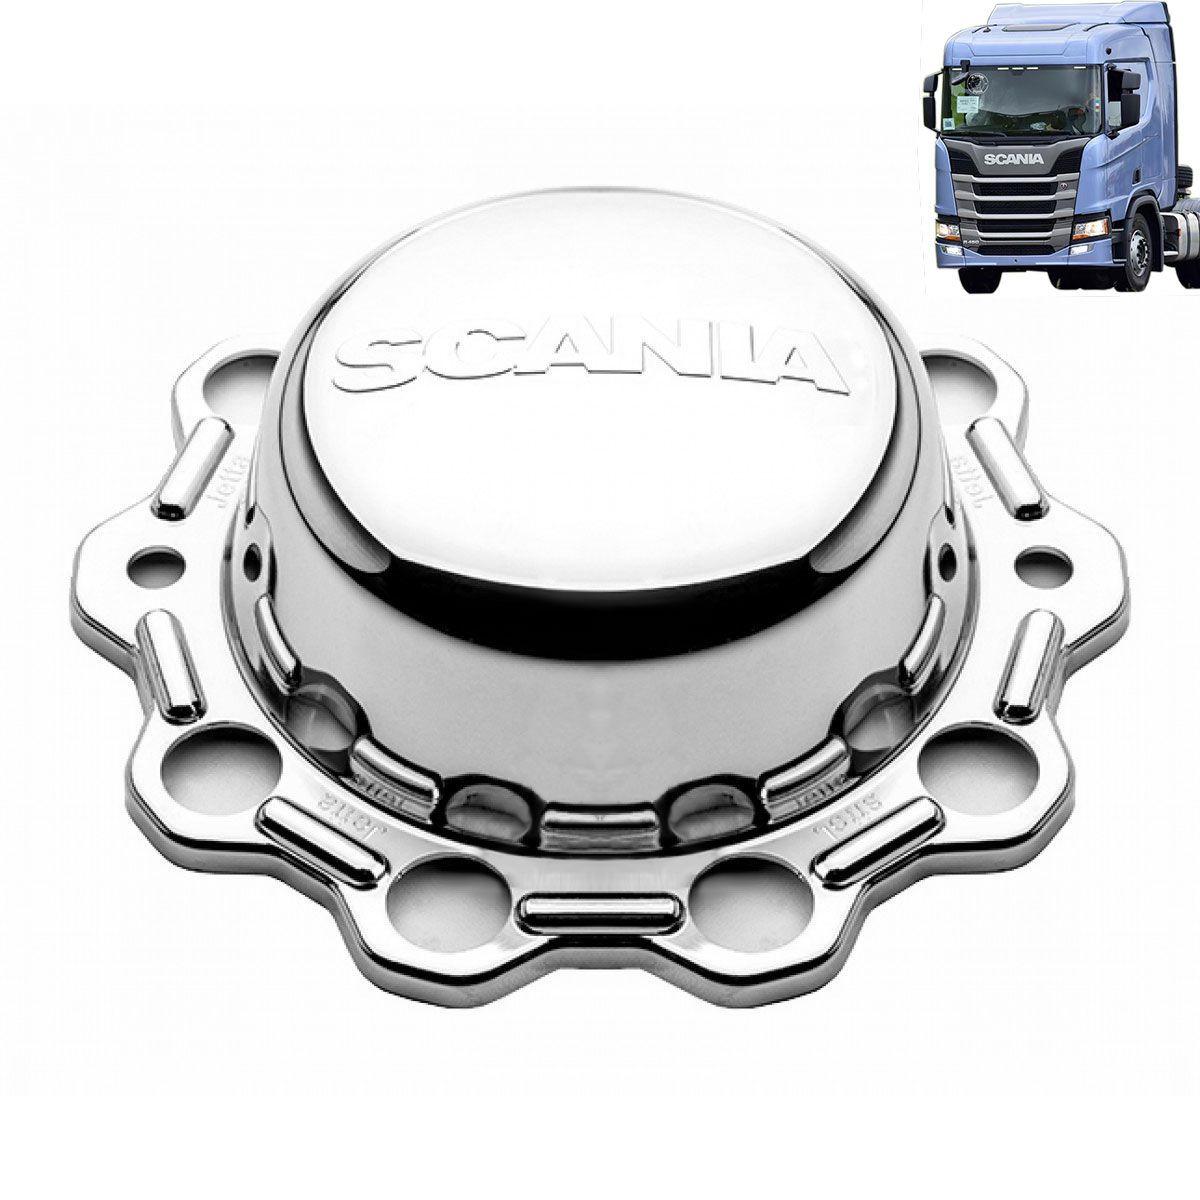 Kit sobre tampa dianteira tração e truck + 60 capas de porca compatível caminhão Scania NTG